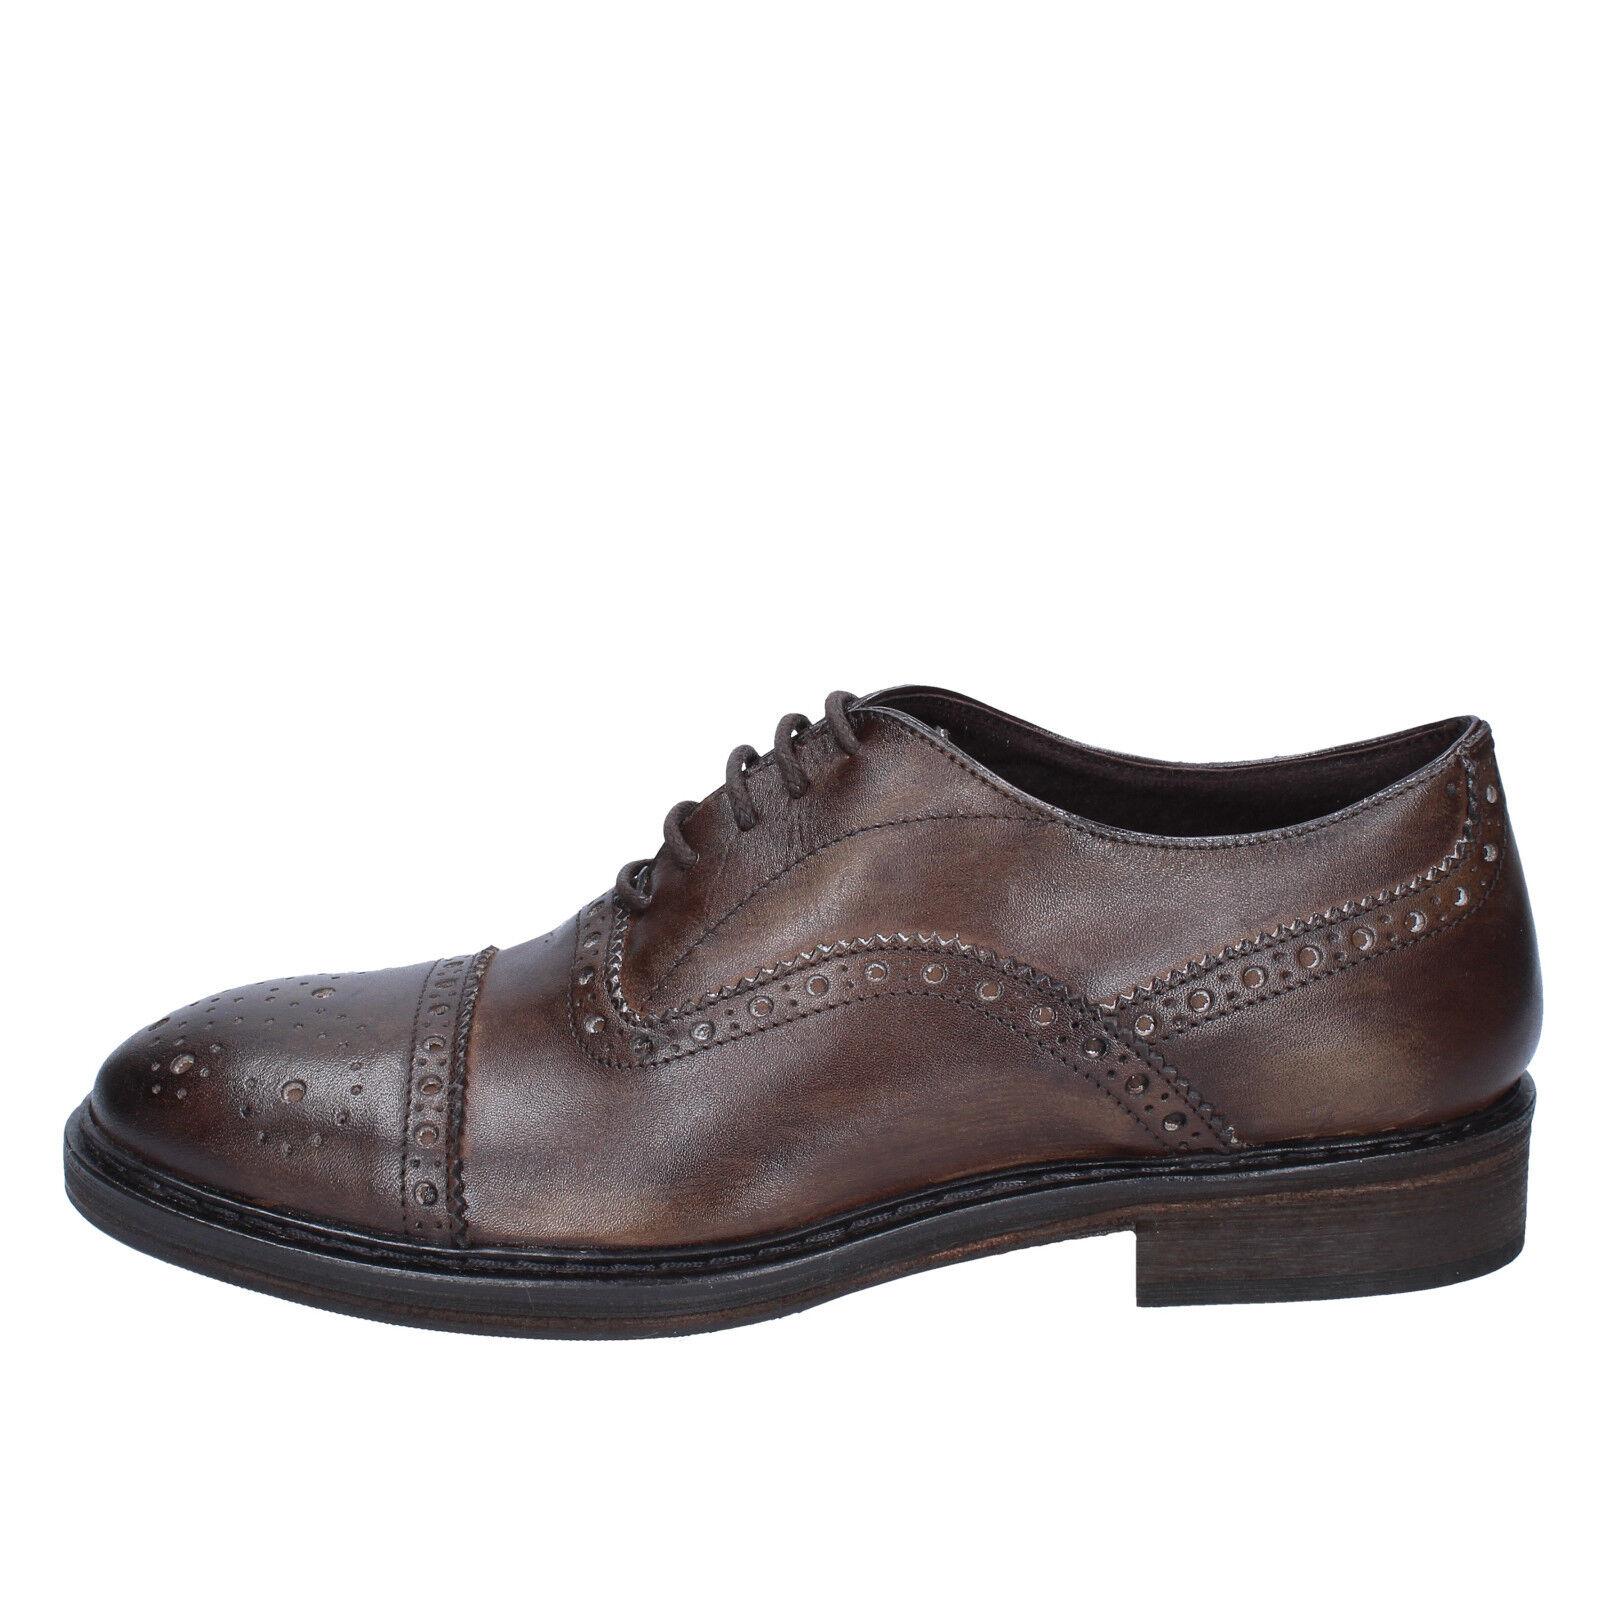 Scarpe uomo CESARE MAURIZI 43 EU classiche marrone pelle BX506-43